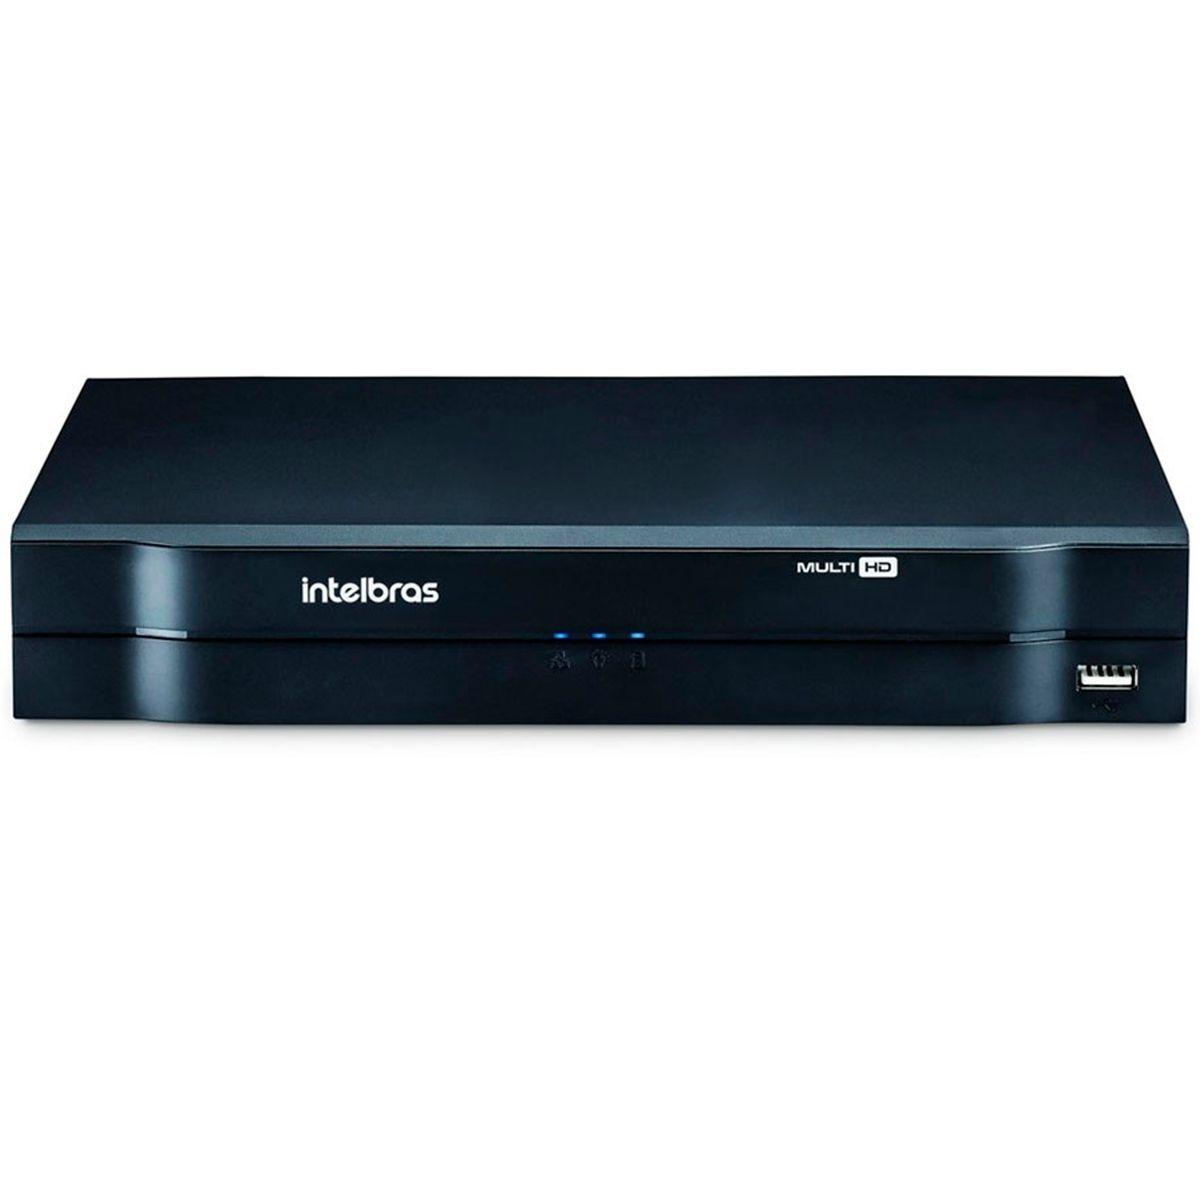 DVR Stand Alone Multi HD Intelbras MHDX-1016 16 Canais + HD 1TB WD Purple de CFTV (Não instalado)  - Tudo Forte